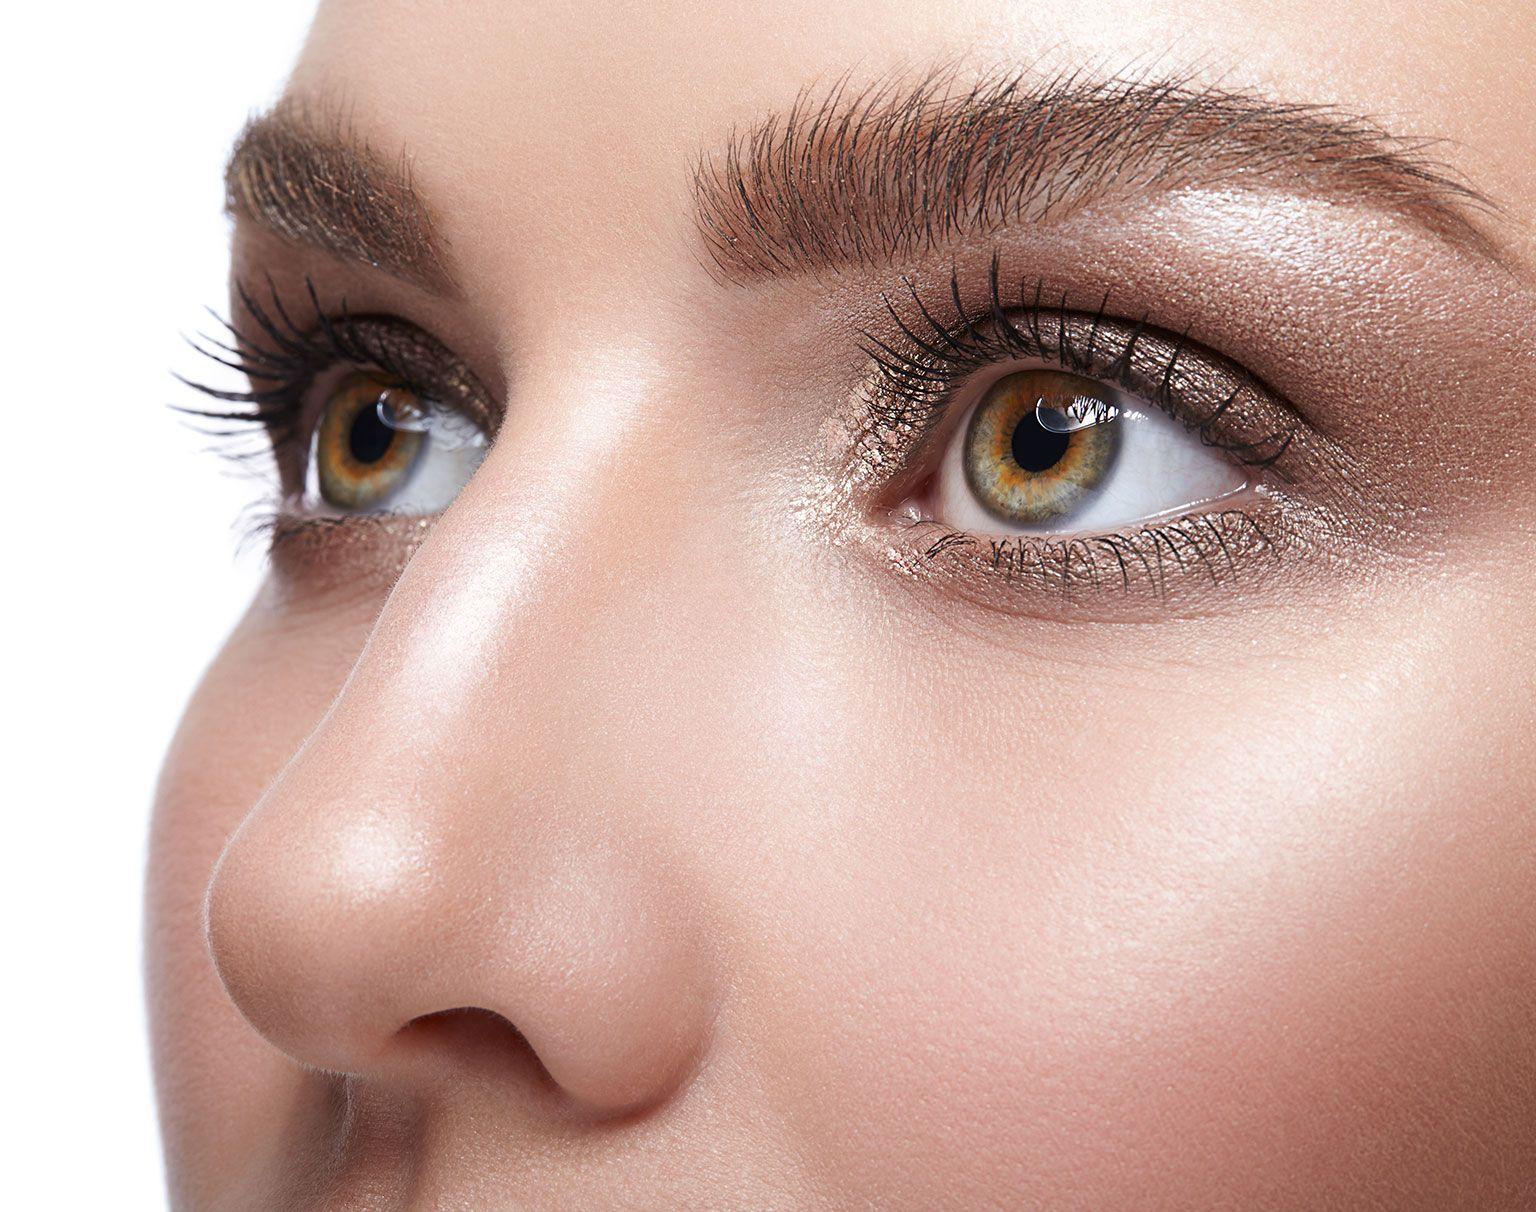 Réparation de la cloison nasale déviée